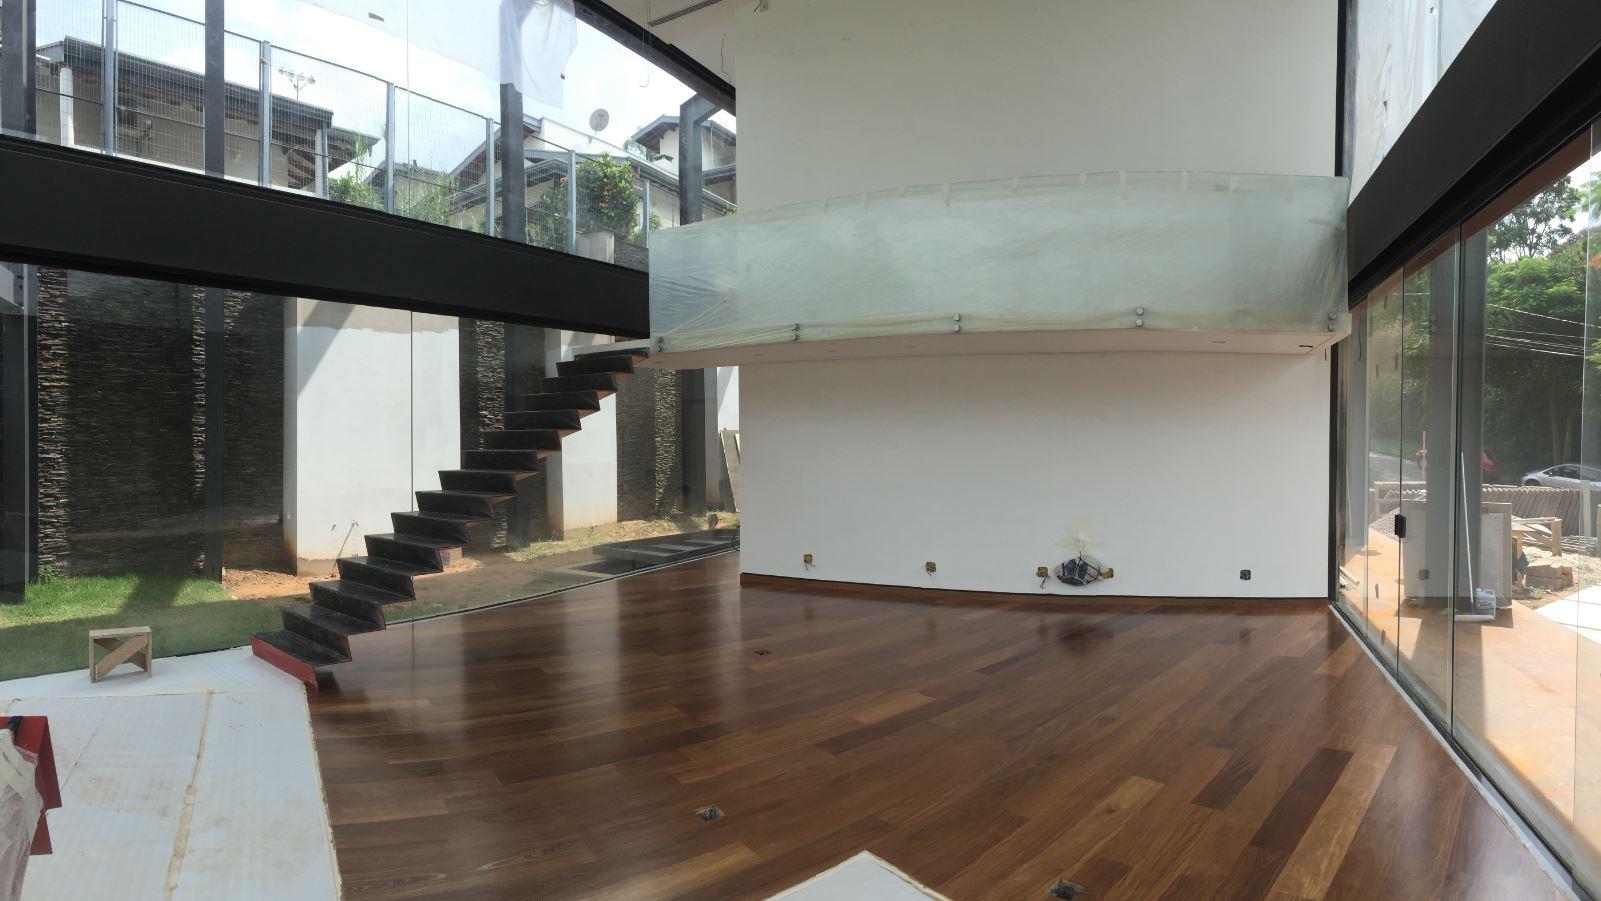 ... o dry wall traz o mesmo acabamento e conforto visual.